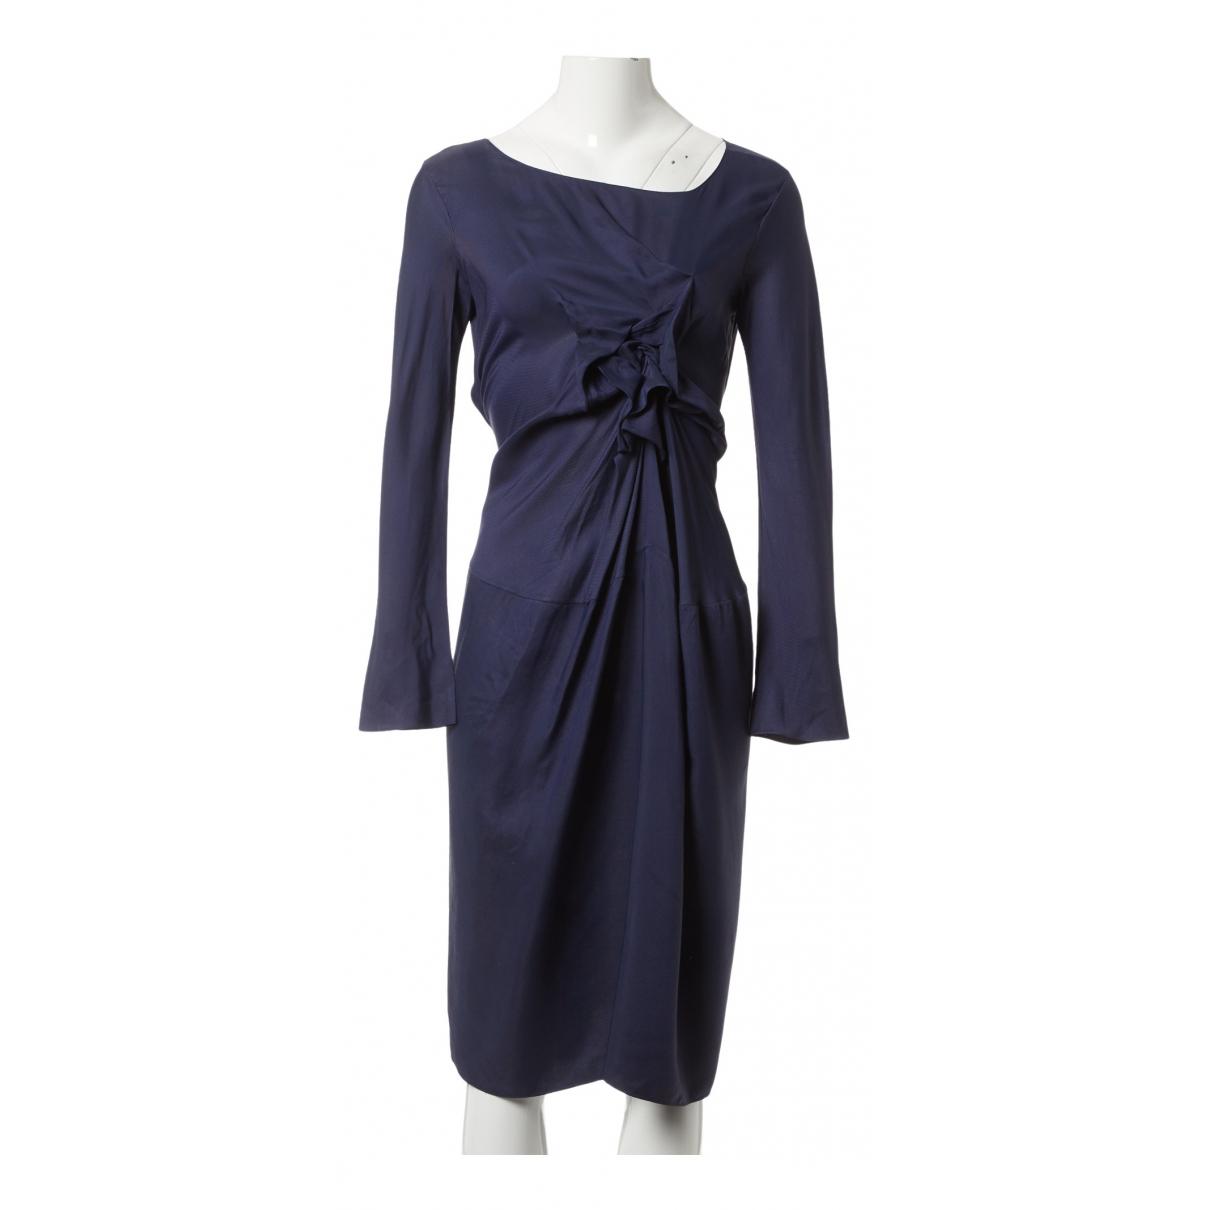 Marni \N Kleid in  Marine Viskose